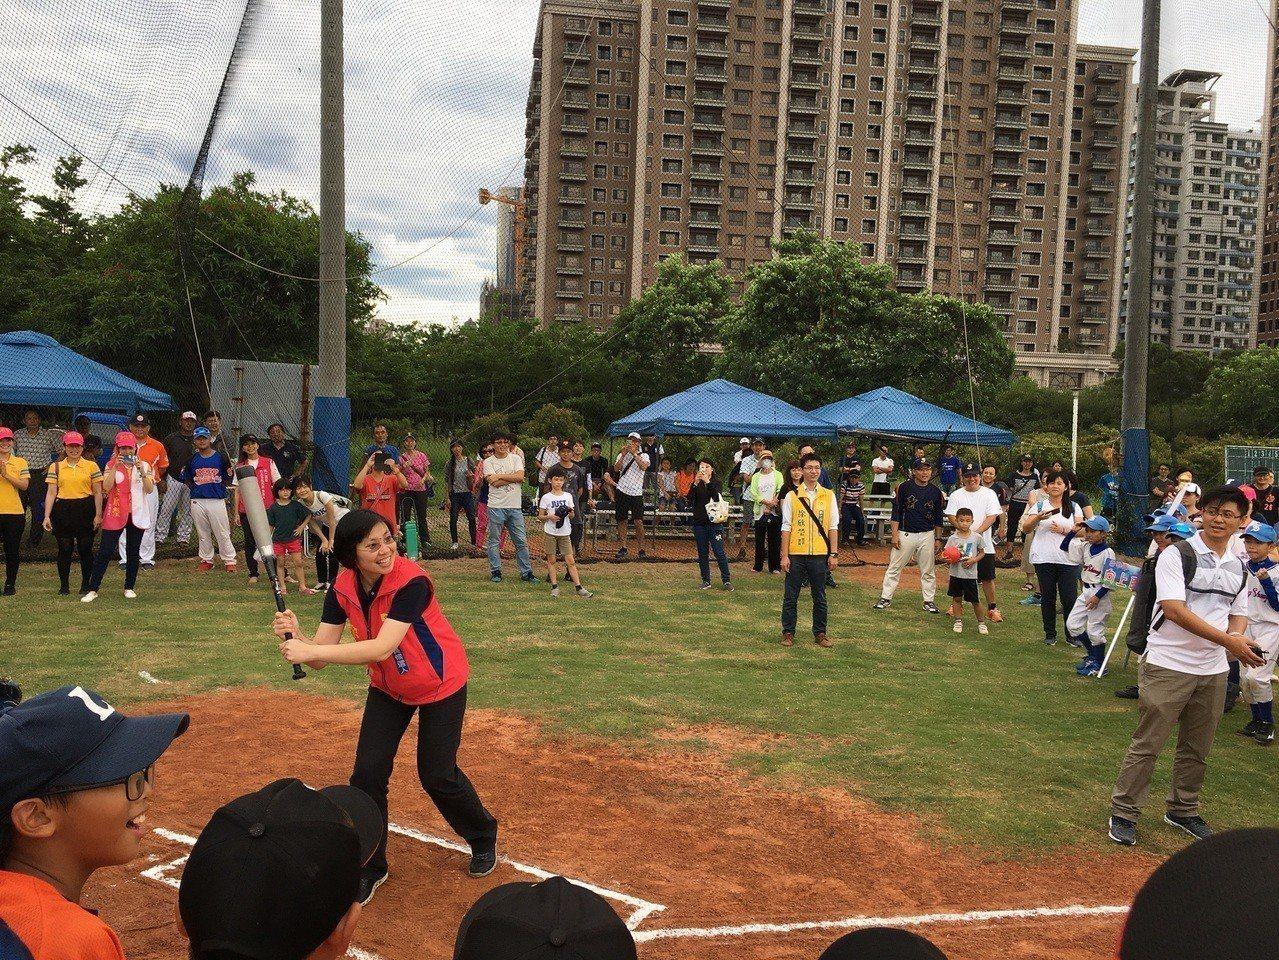 大新竹贏家盃社區少棒錦標賽今天在竹北世興棒壘球場展開,比賽開幕特別邀請民國黨主席...